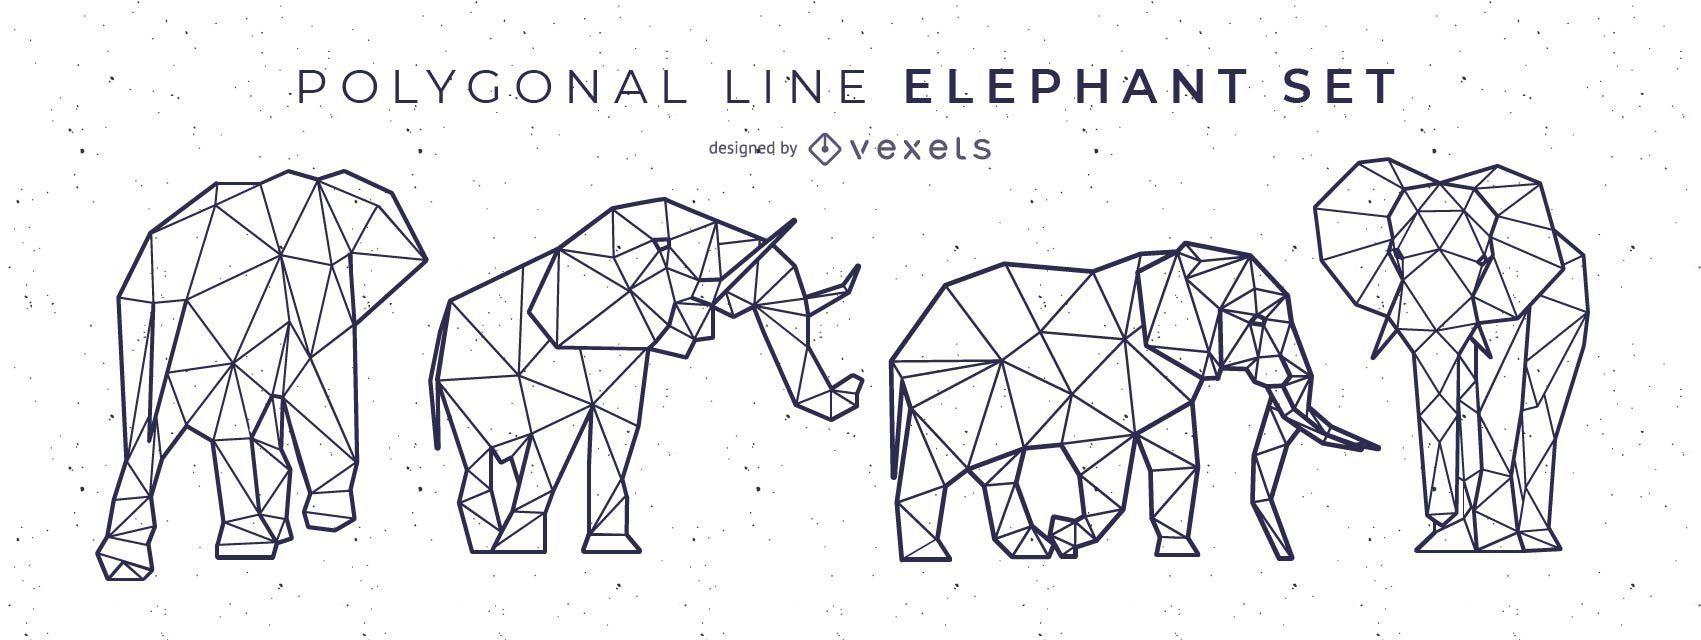 Dise?o de elefante de l?nea poligonal